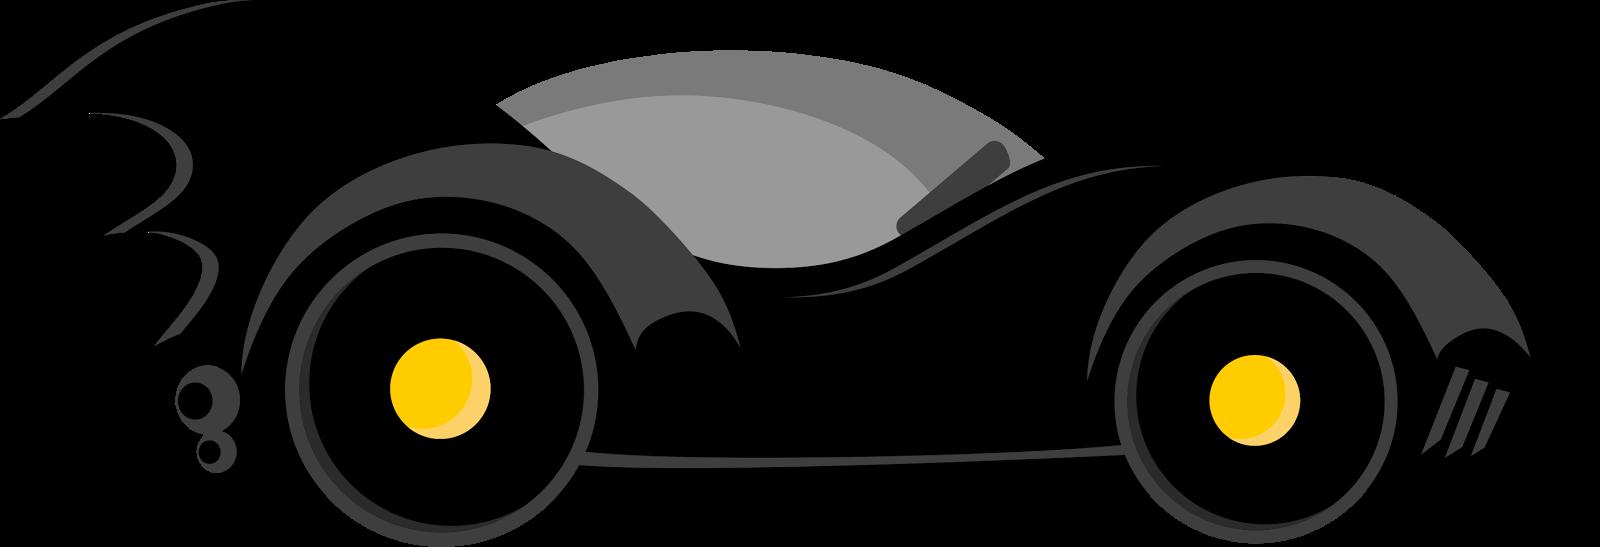 Batman car clipart jpg freeuse download Batman Car PNG Clipart - Download free images in PNG jpg freeuse download